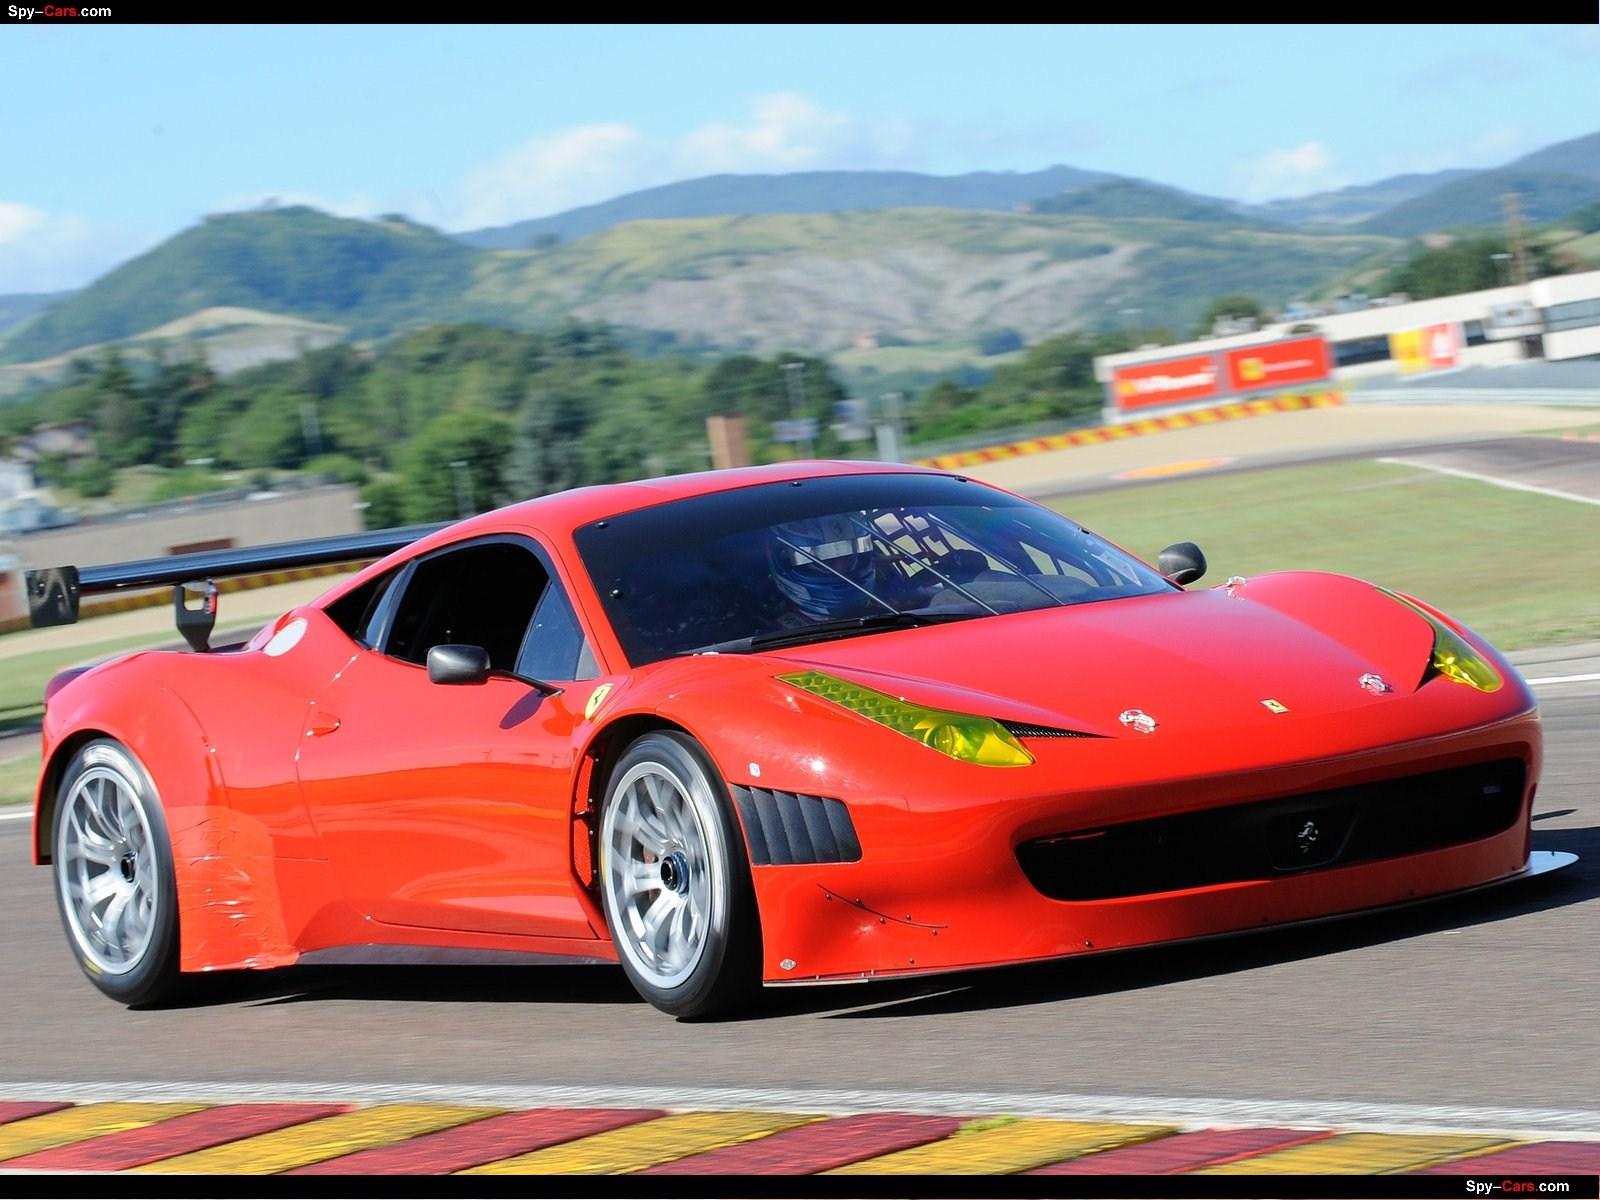 http://1.bp.blogspot.com/-C-uDjYg5dxk/Ti7RO09199I/AAAAAAACOss/XWRkRYN0L_w/s1600/Ferrari-458_Italia_Grand_Am_2012_1600x1200_001.jpg